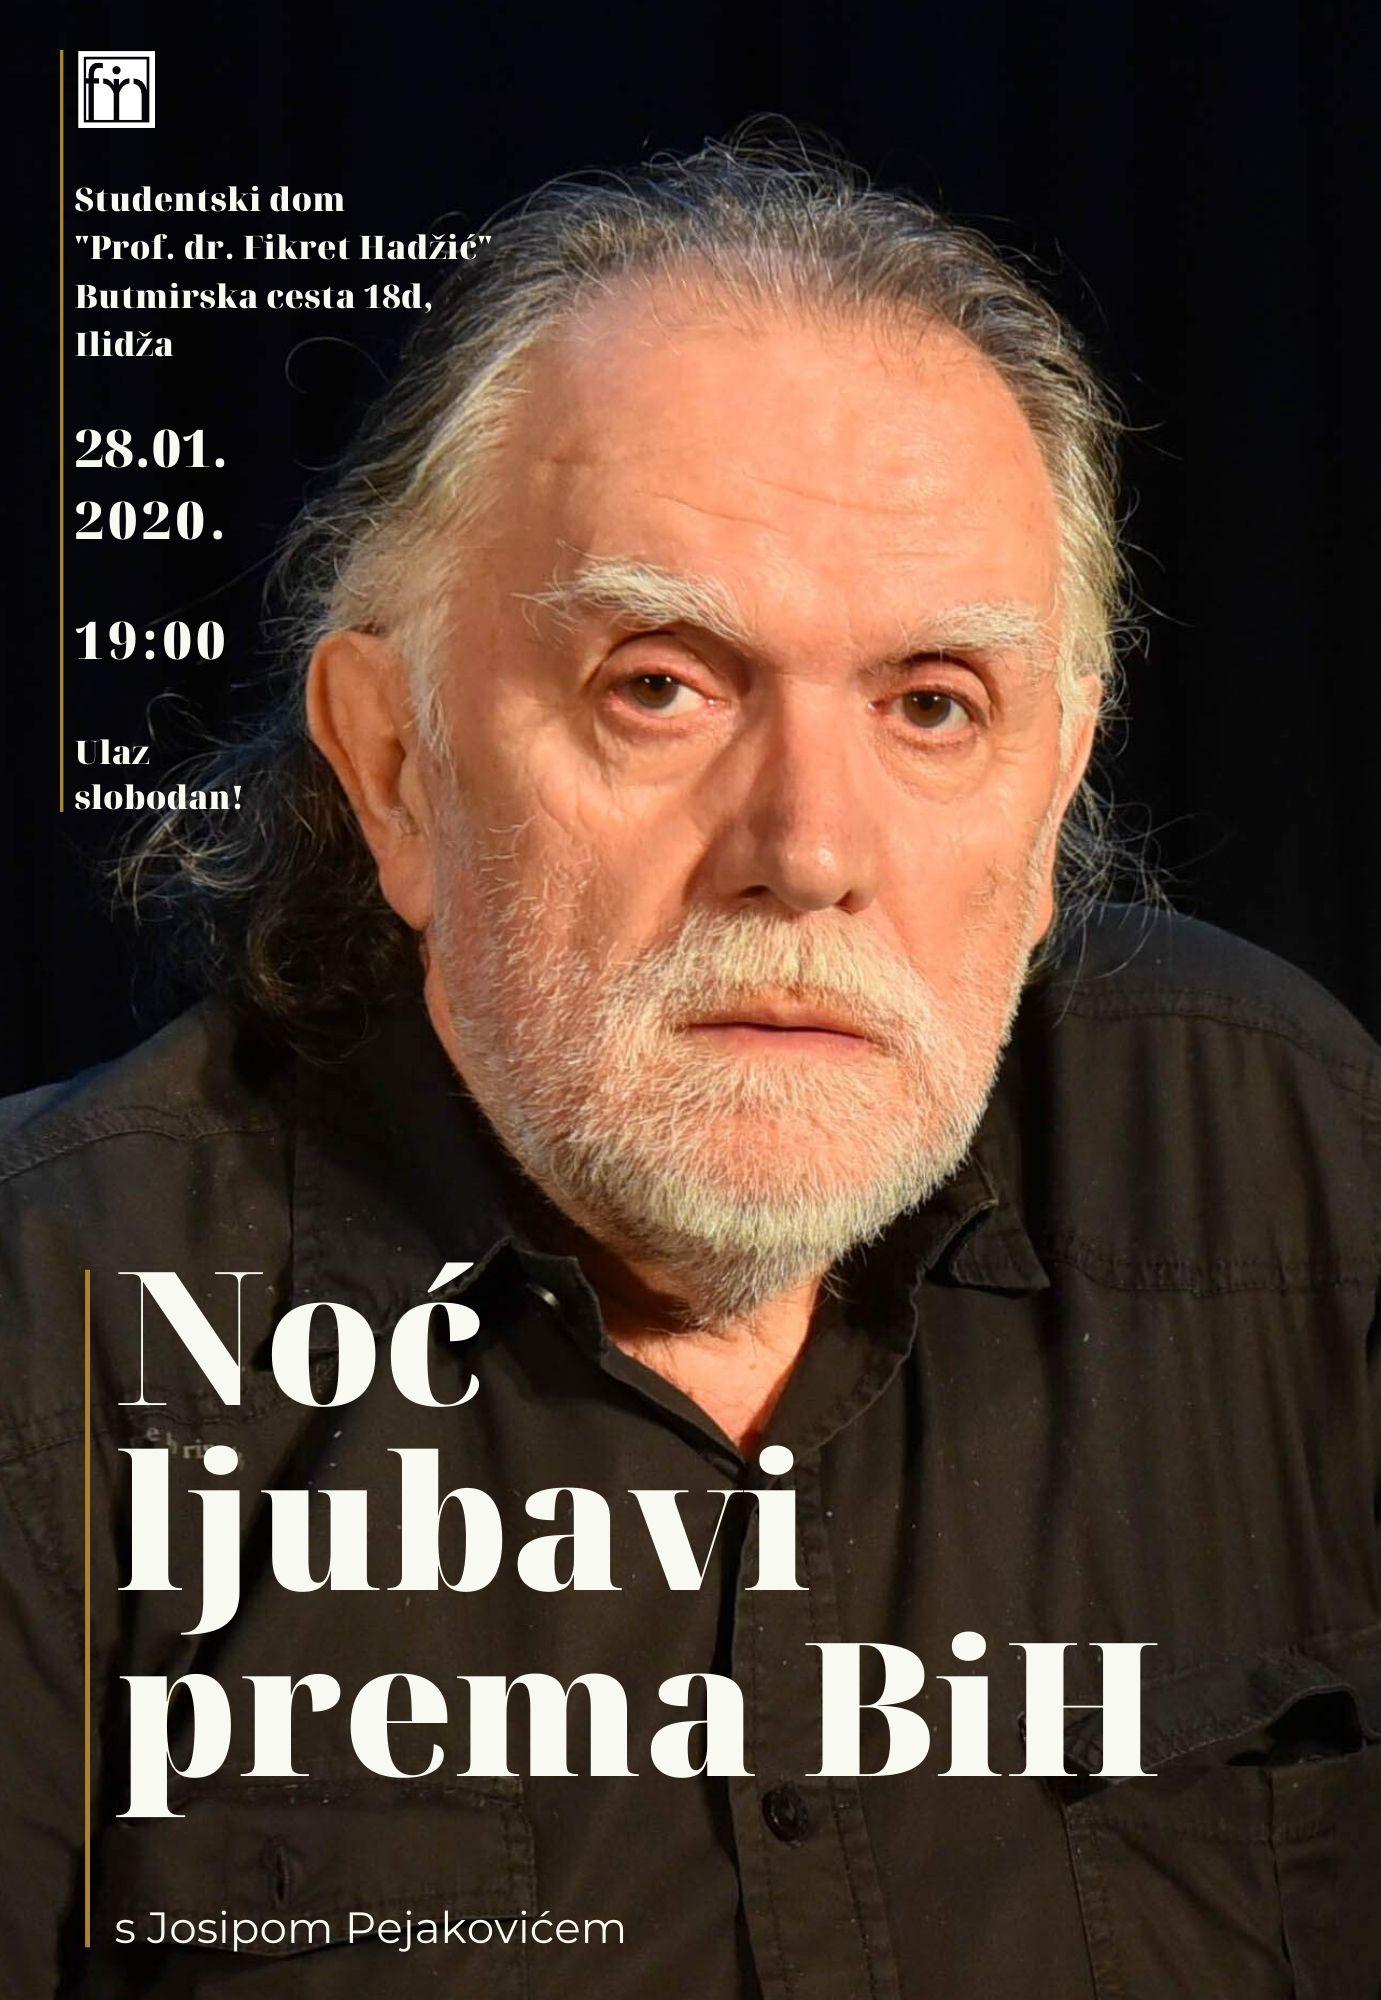 Josip Pejaković jan 2020 Fondacija Izvor nade